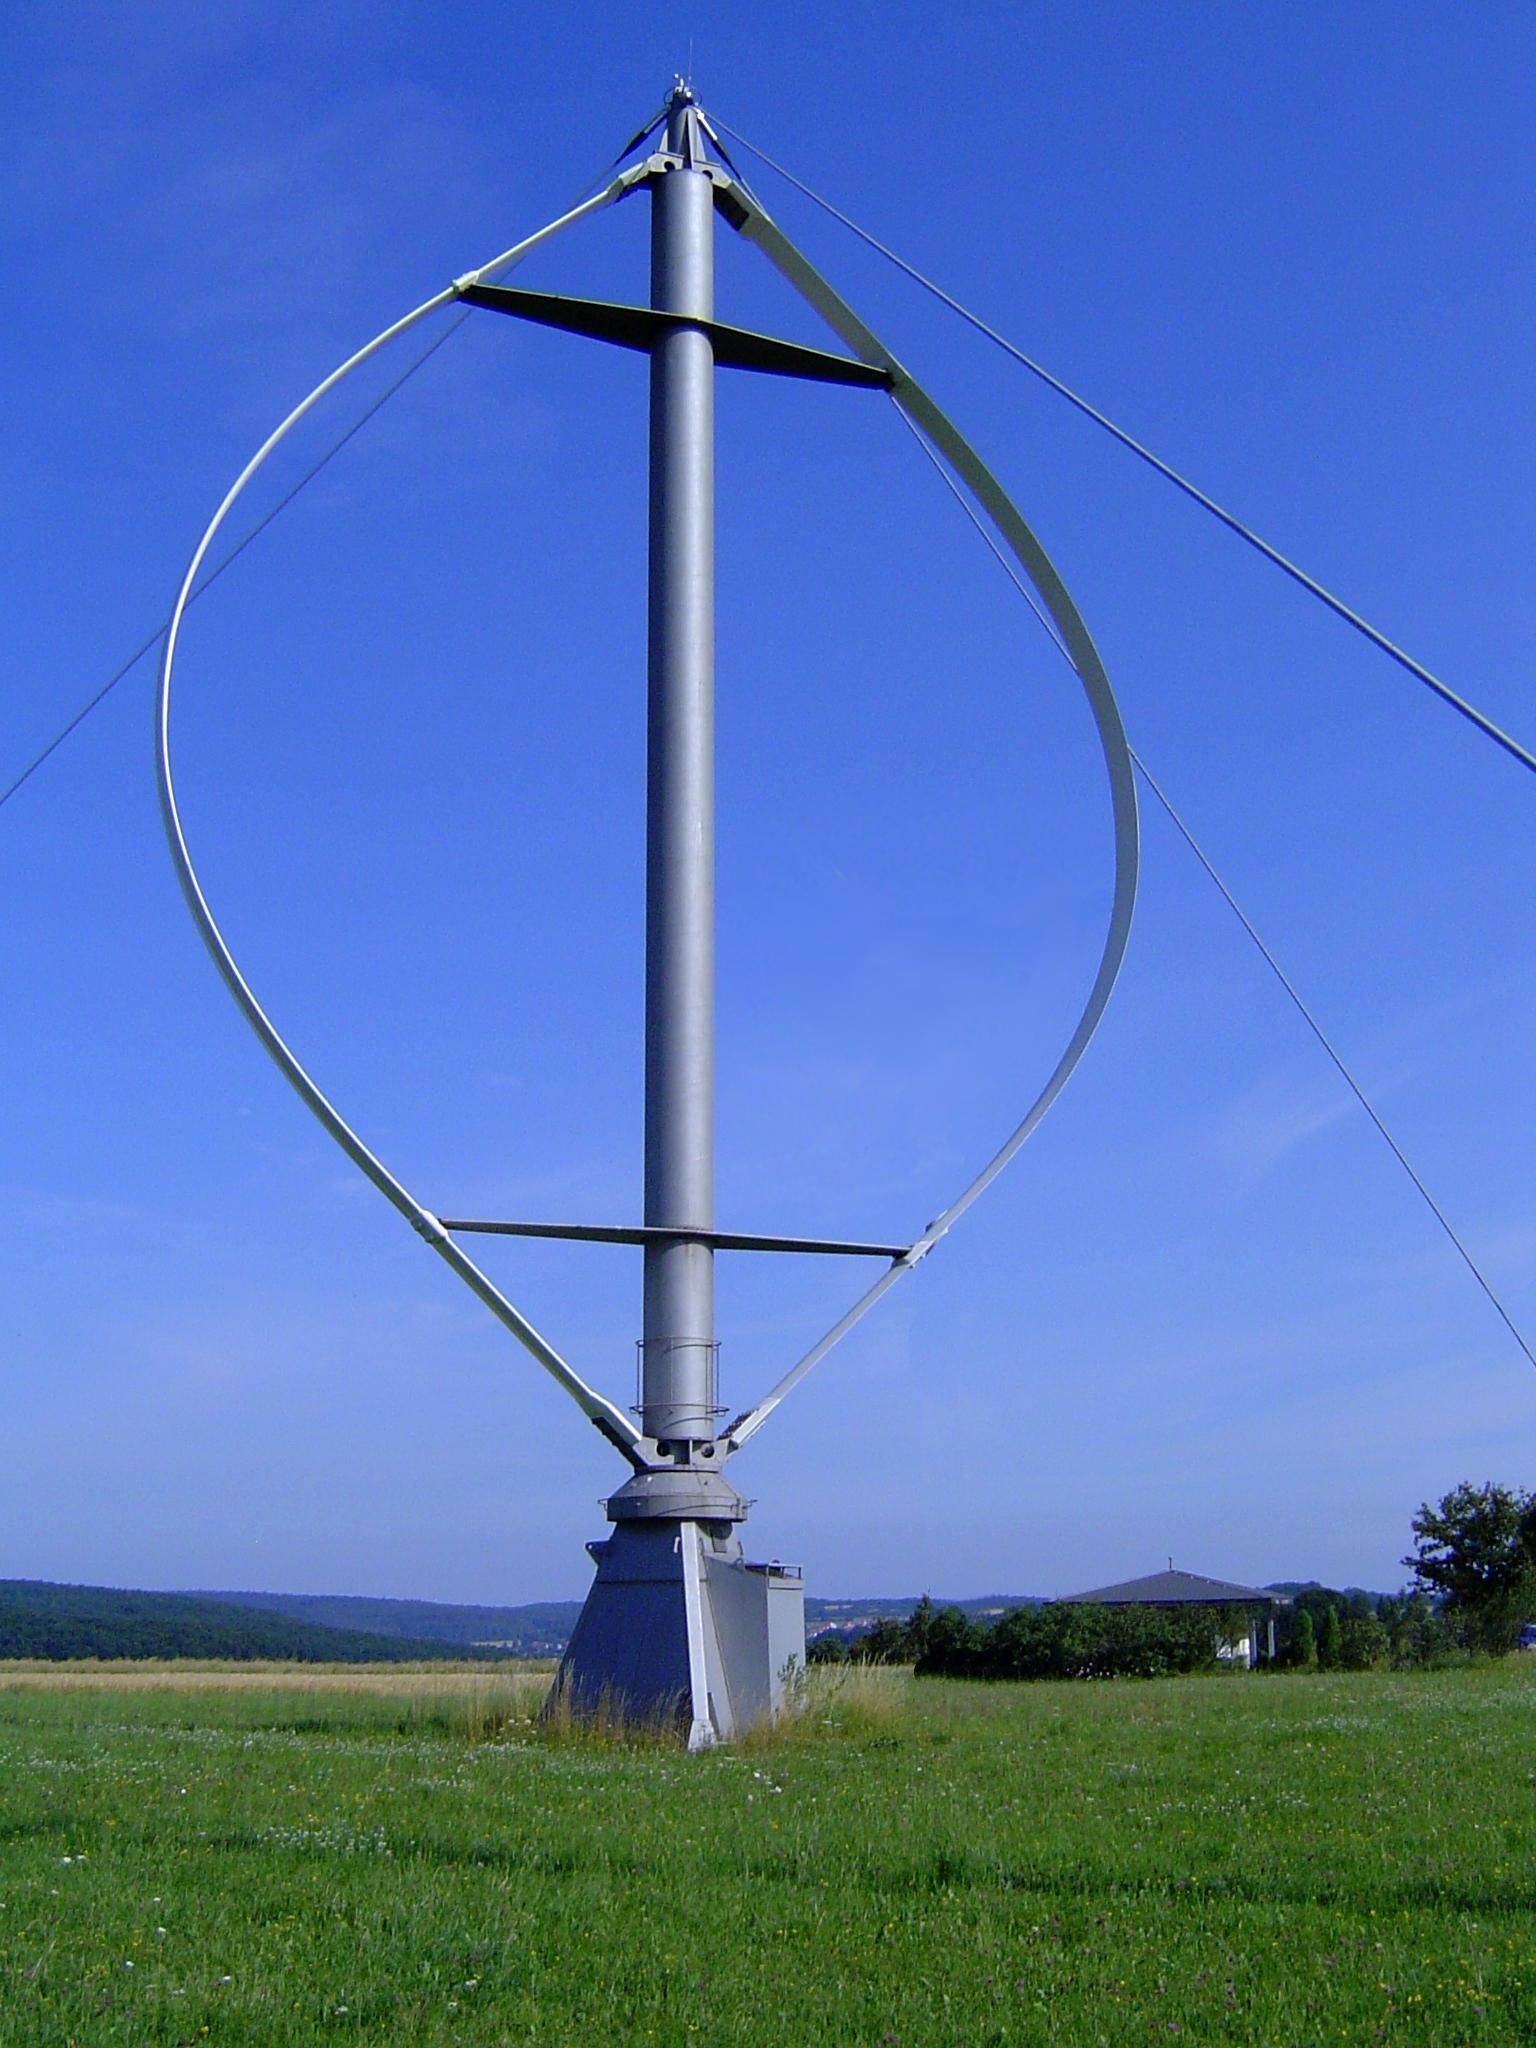 Wind turbine thesis